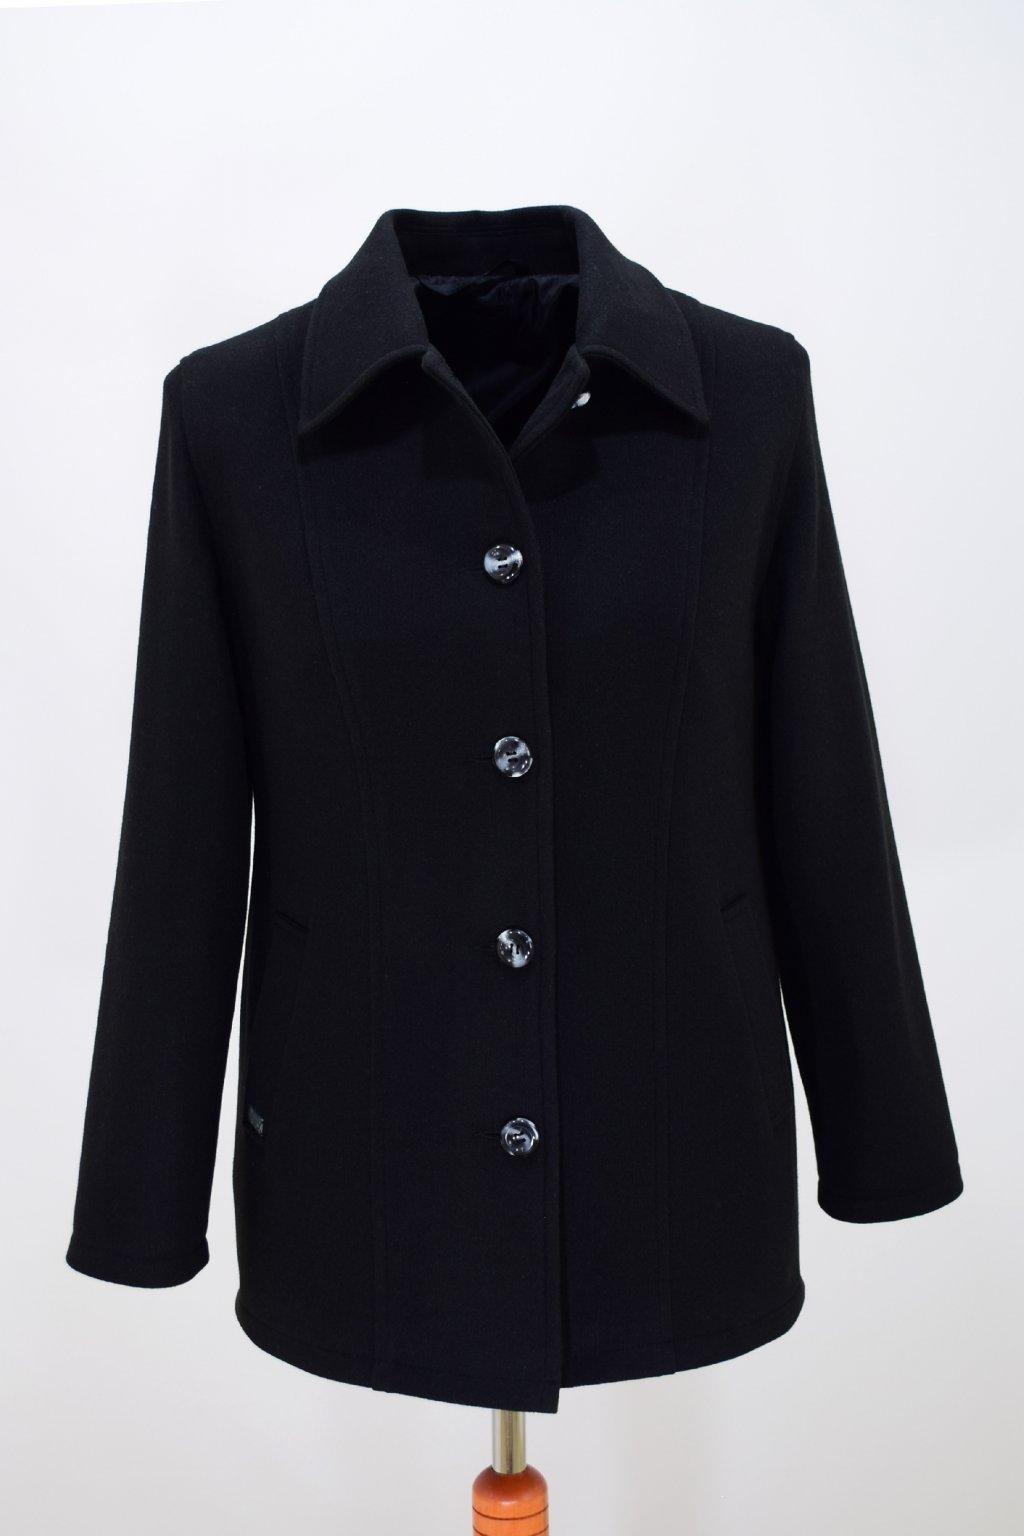 Dámský černý přechodový kabátek Dorka nadměrné velikosti.